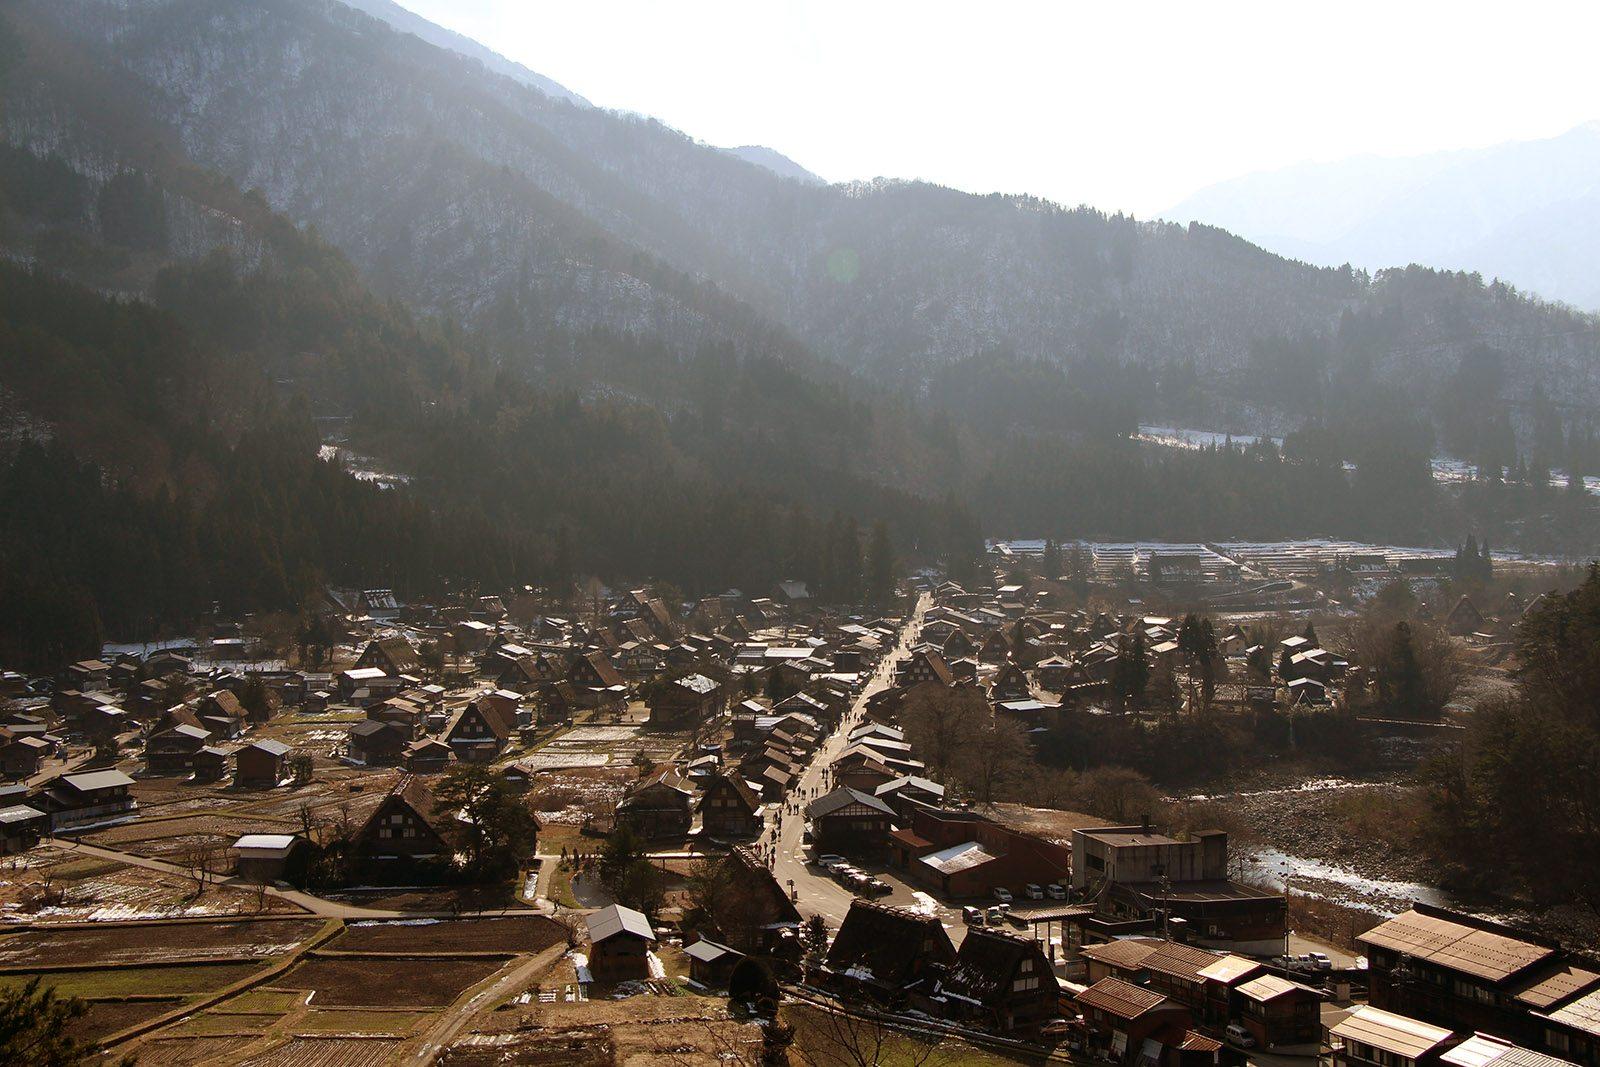 Balade shirakawa go le village japonais class au - Maison de vallee au japon par hiroshi sambuichi ...